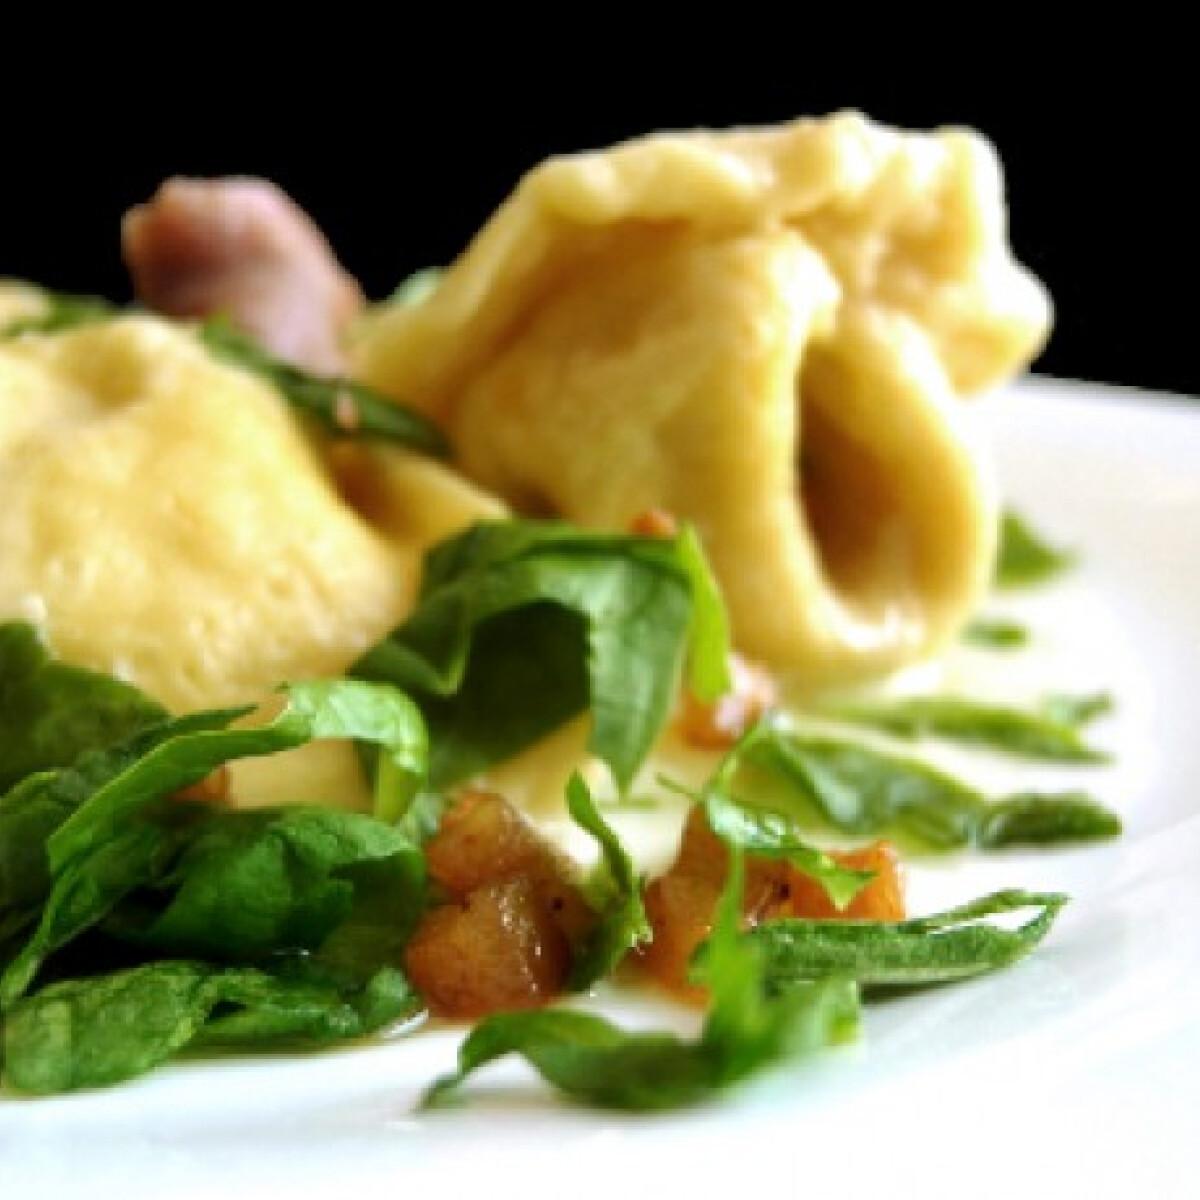 Fokhagymás-vajas tortellini csirkével töltve